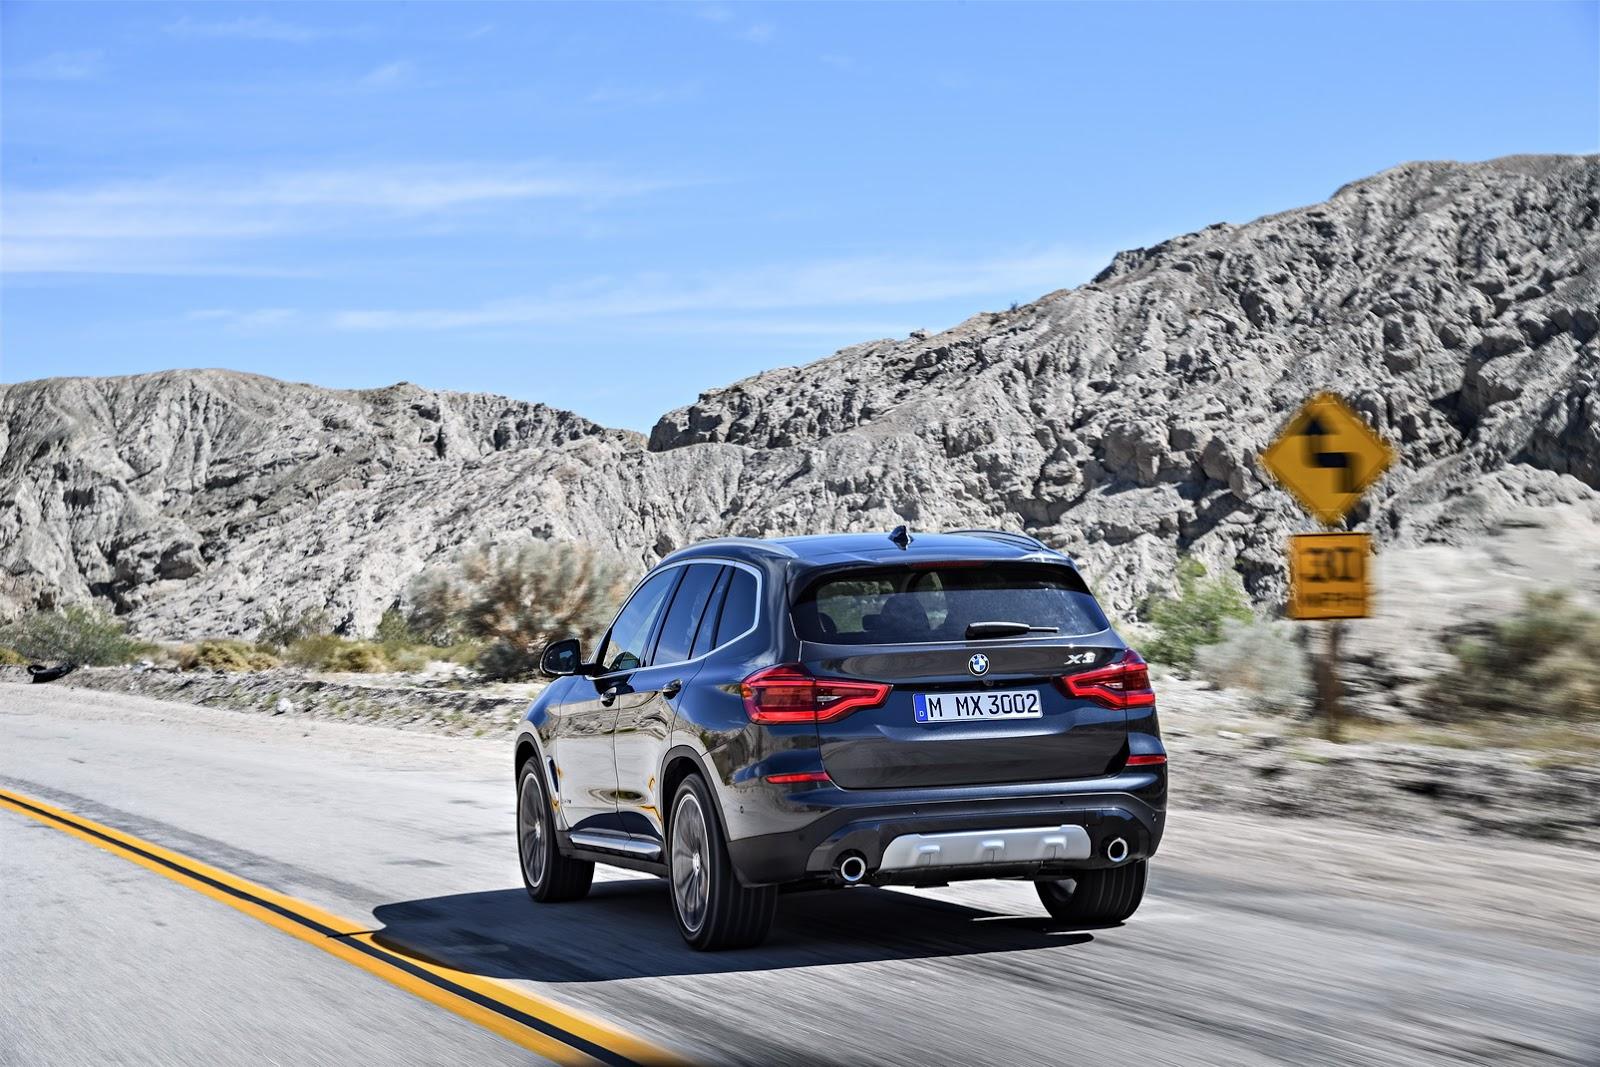 BMW X3 2018 (18)